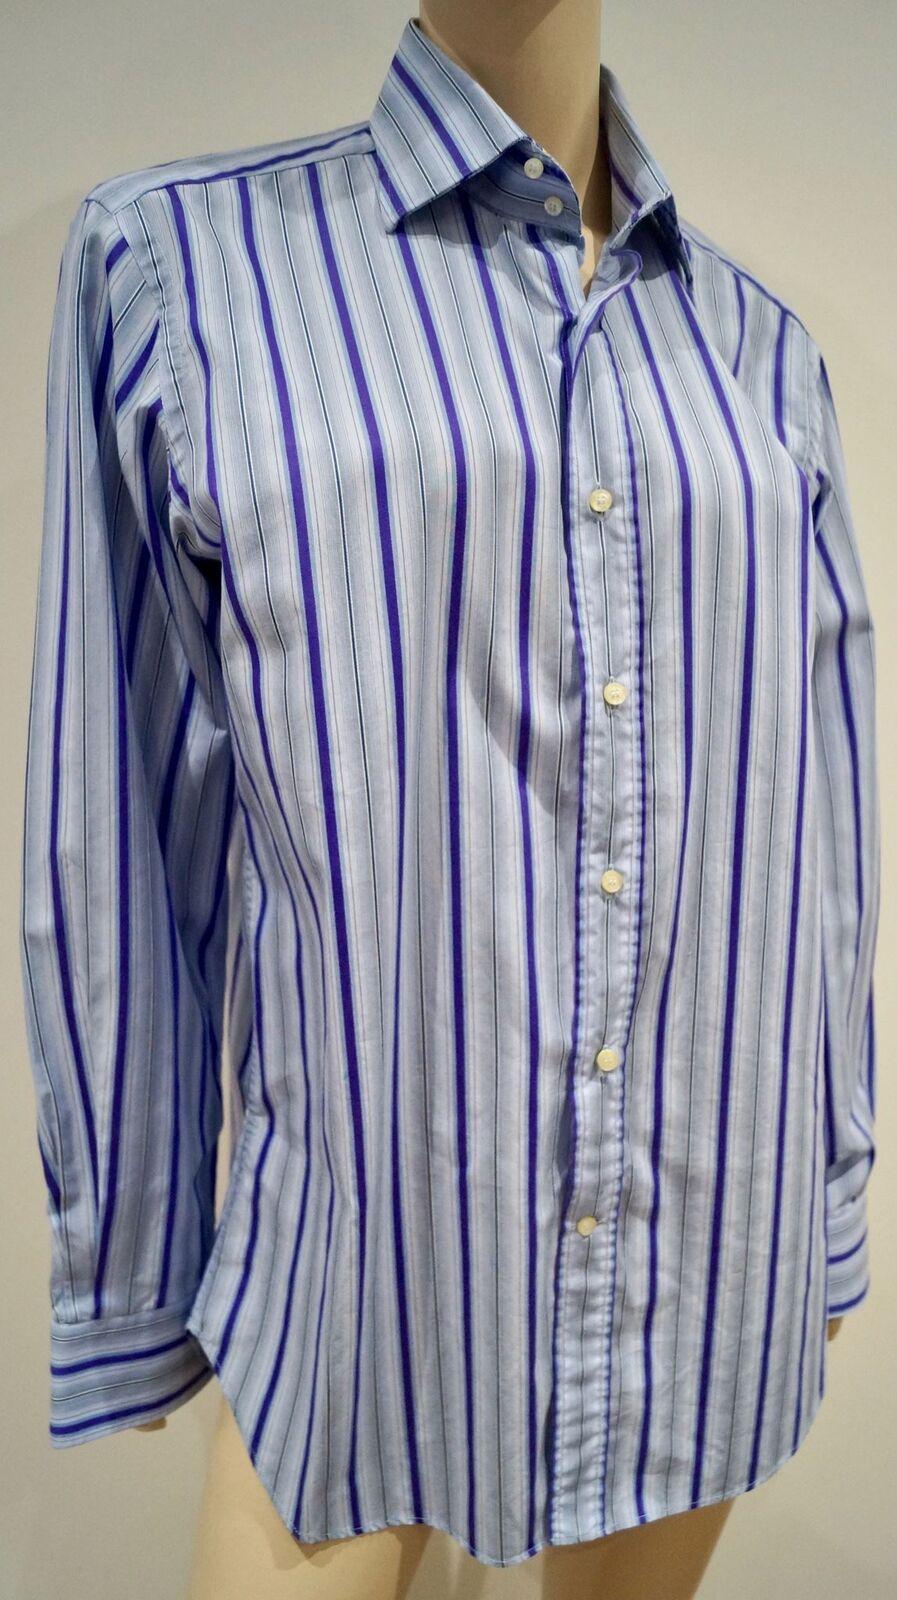 ETRO MILANO ITALIA Menswear Blu & Viola a Righe Abito Formale Camicia Top taglia 41